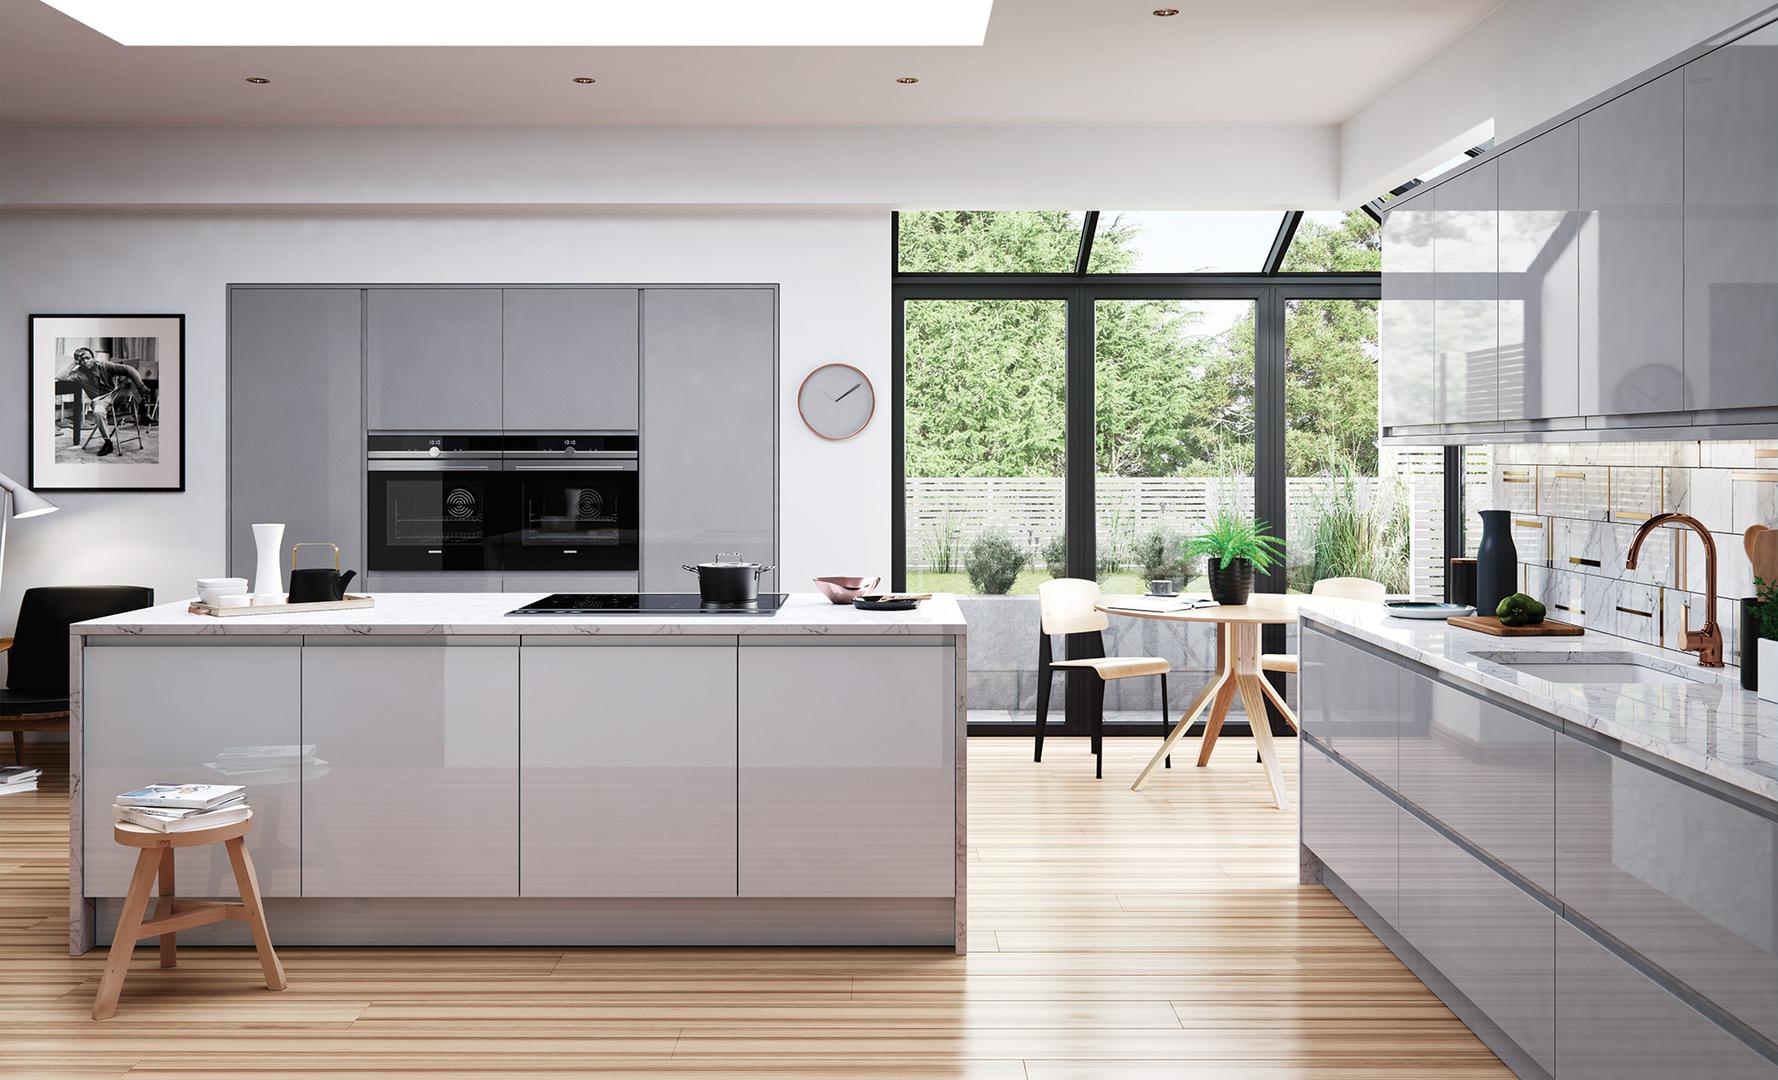 Bristol Kitchens Bristol Kitchen Company Kitchen Supply - Kitchen designers bristol